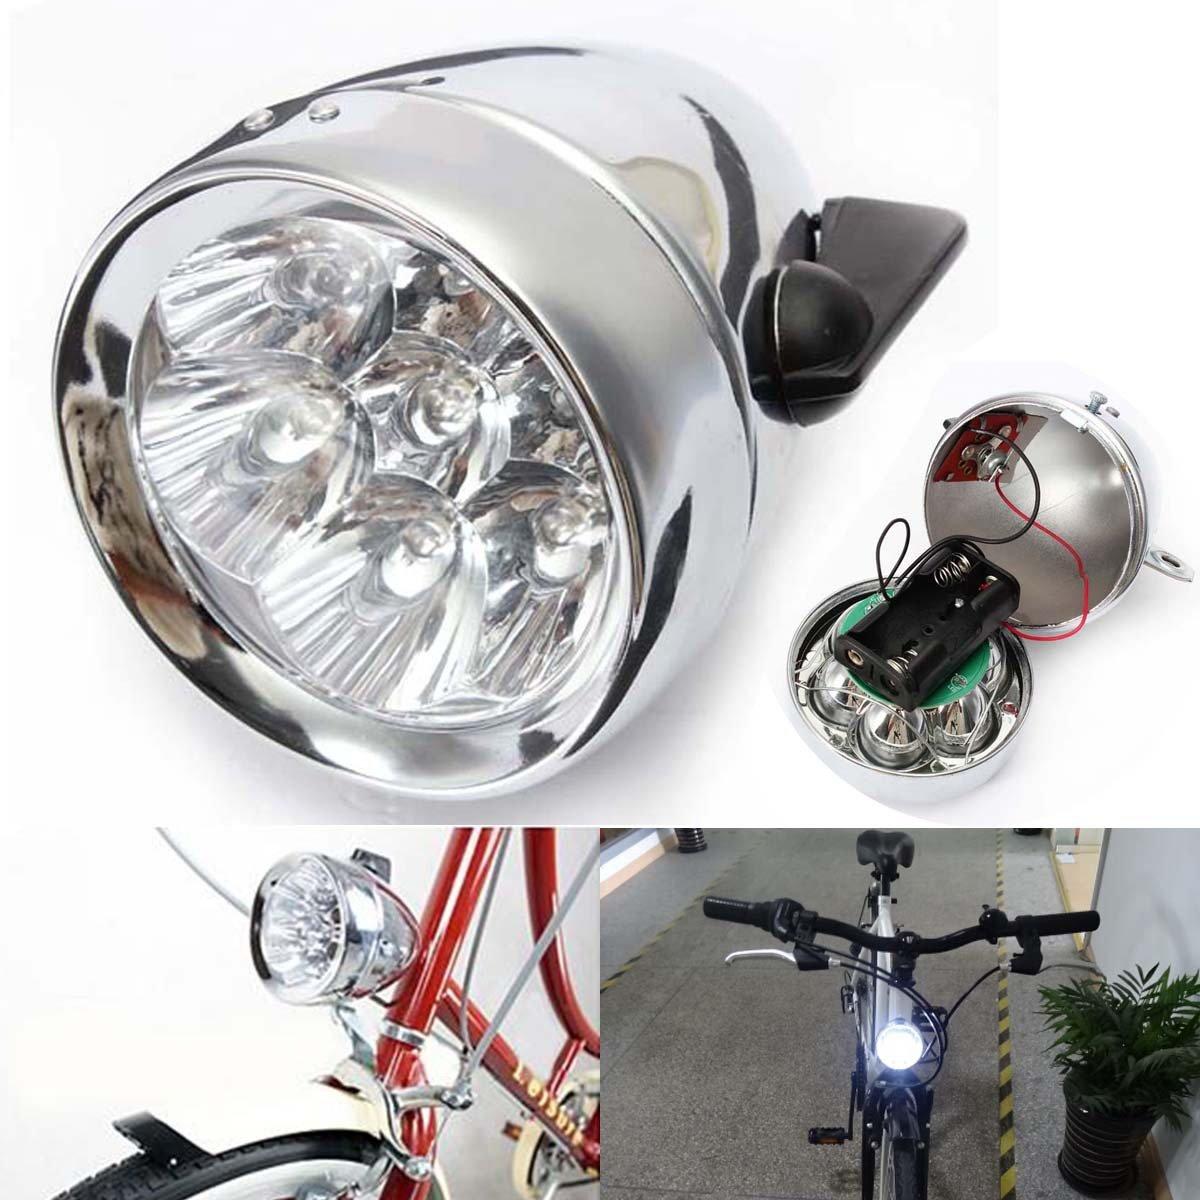 BlueSunshine Vintage Retro Bicycle Bike Front Light Lamp 7 LED Fixie Headlight with Bracket